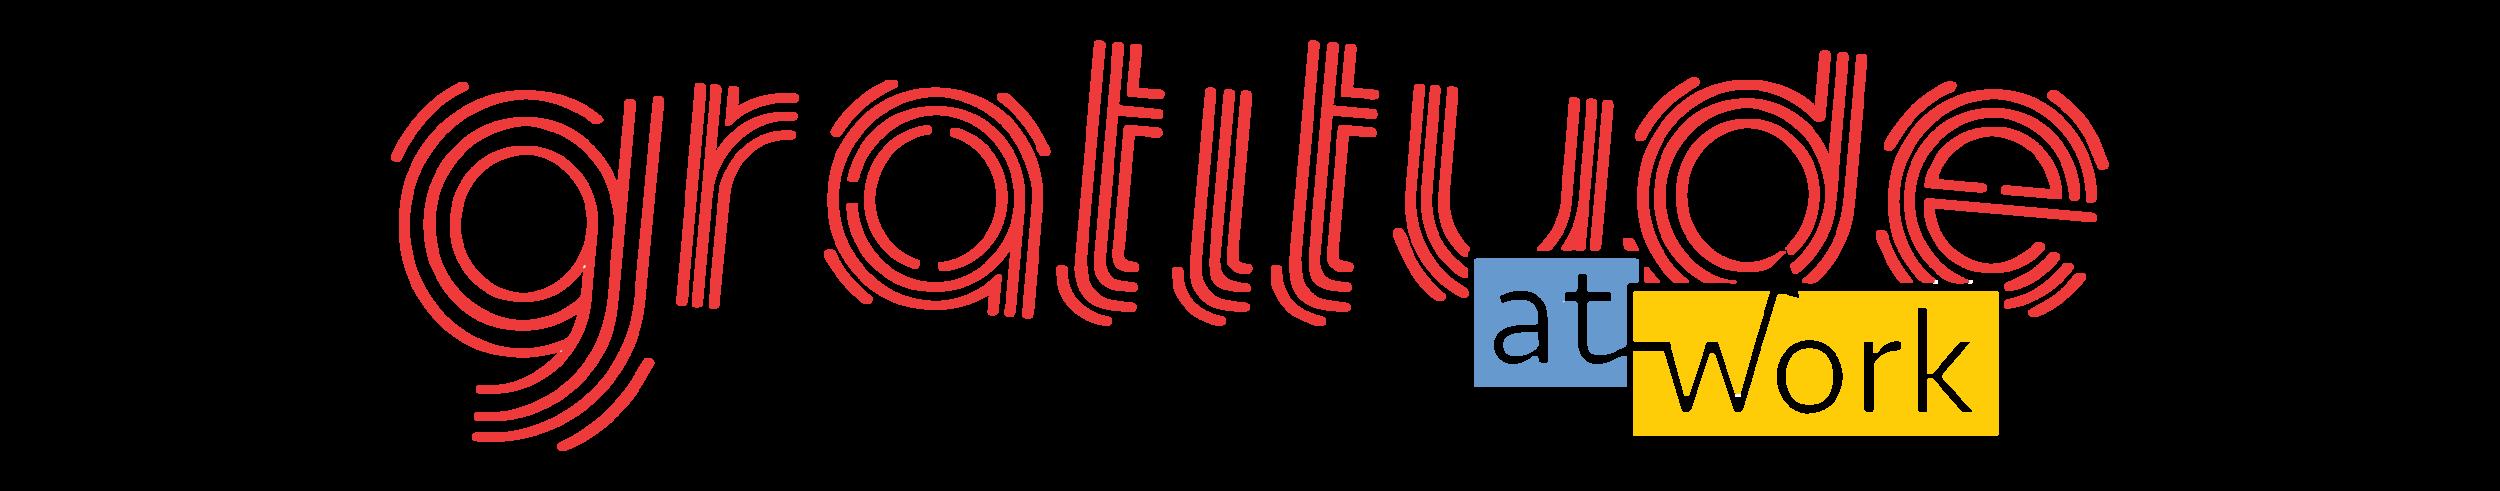 GaW_logo-01.png